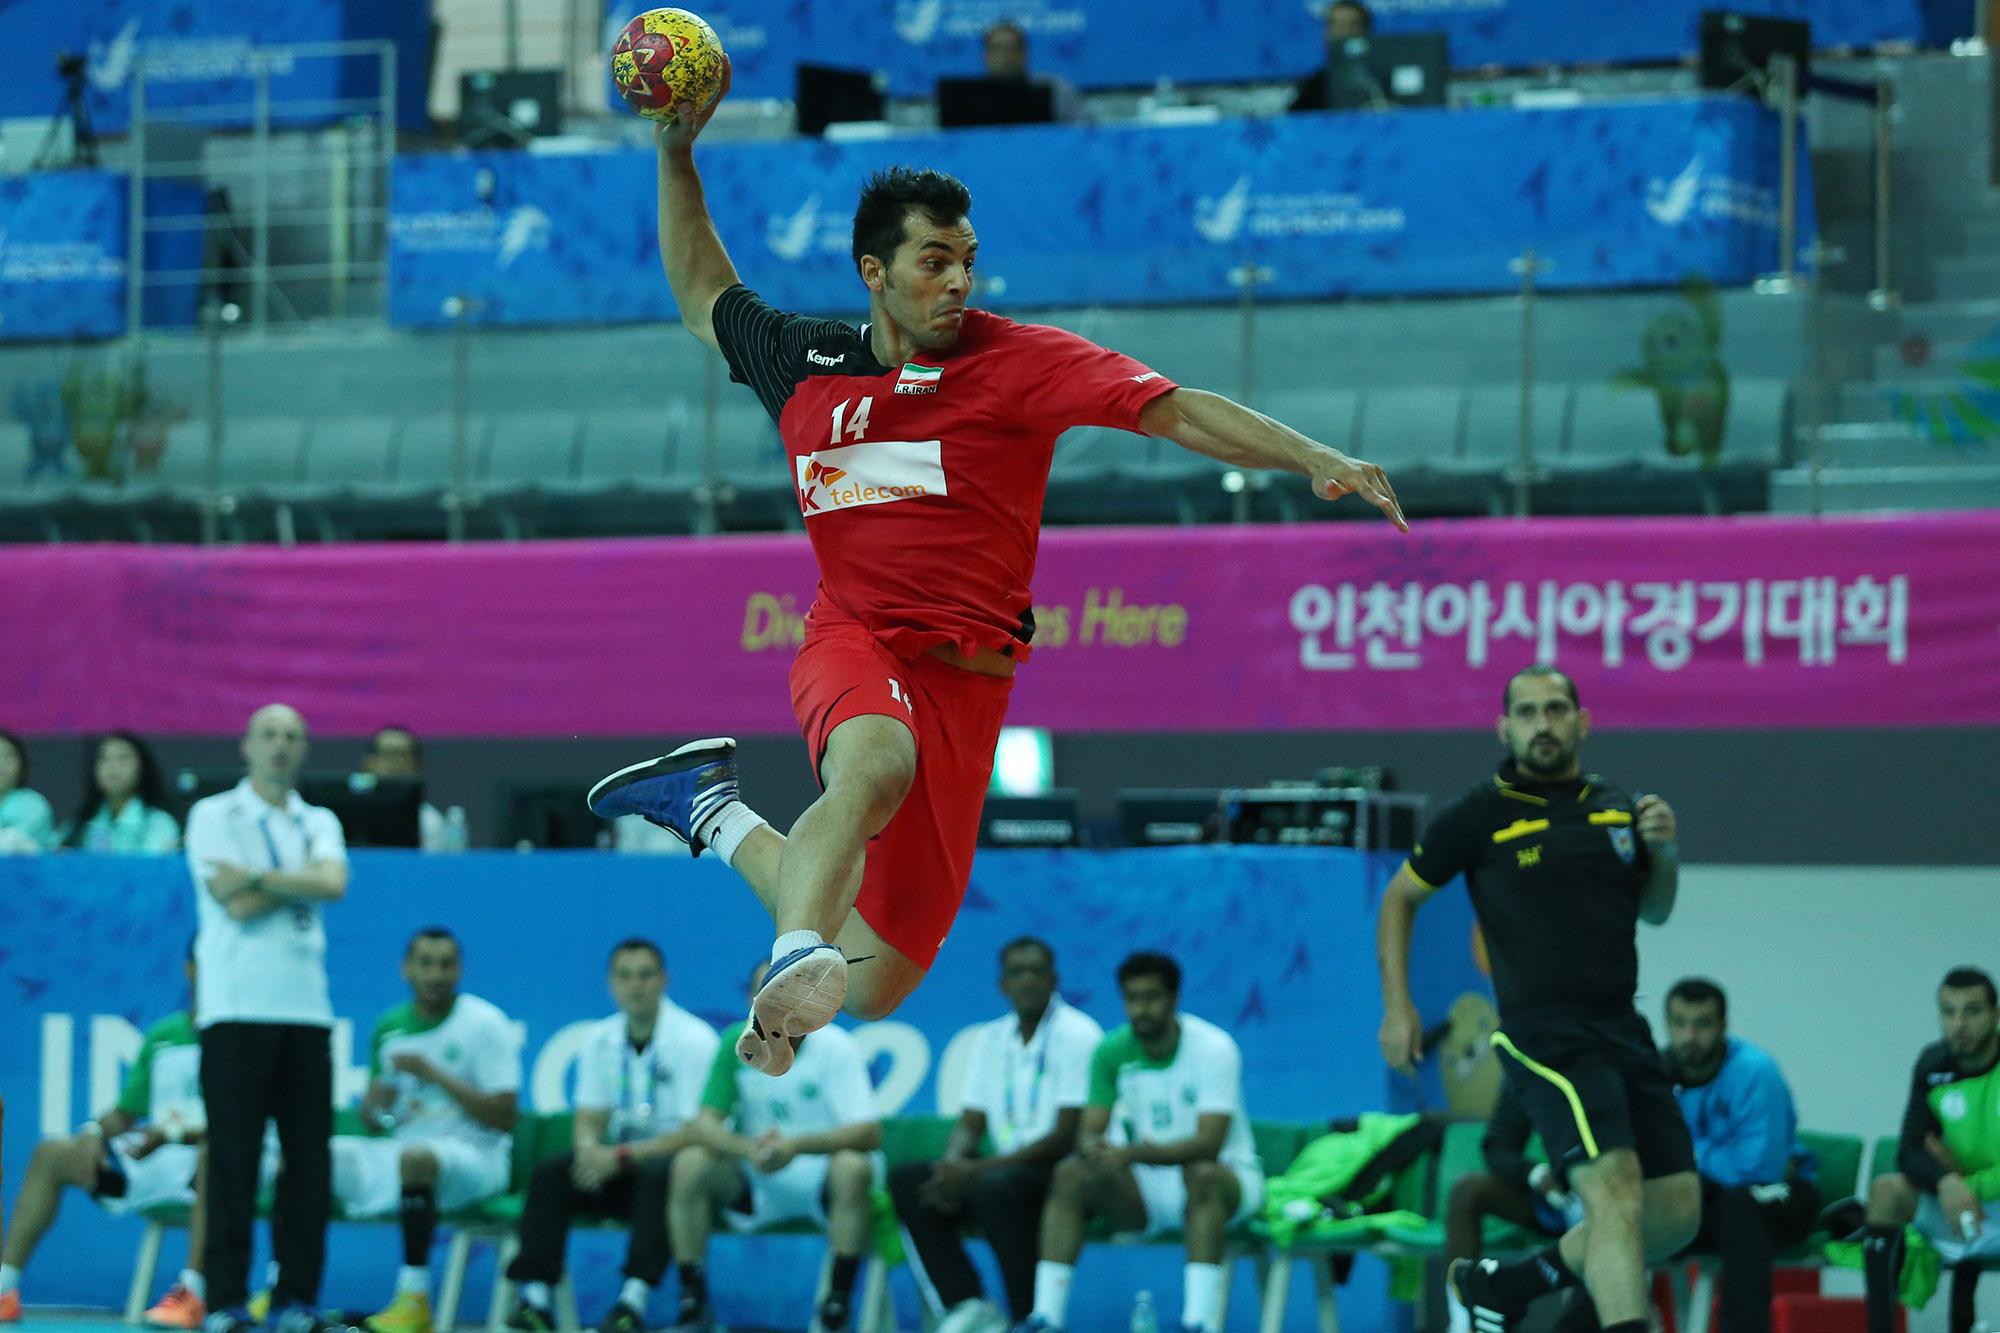 هندبال انتخابی المپیک/جشن صعود ایران با حذف عربستان